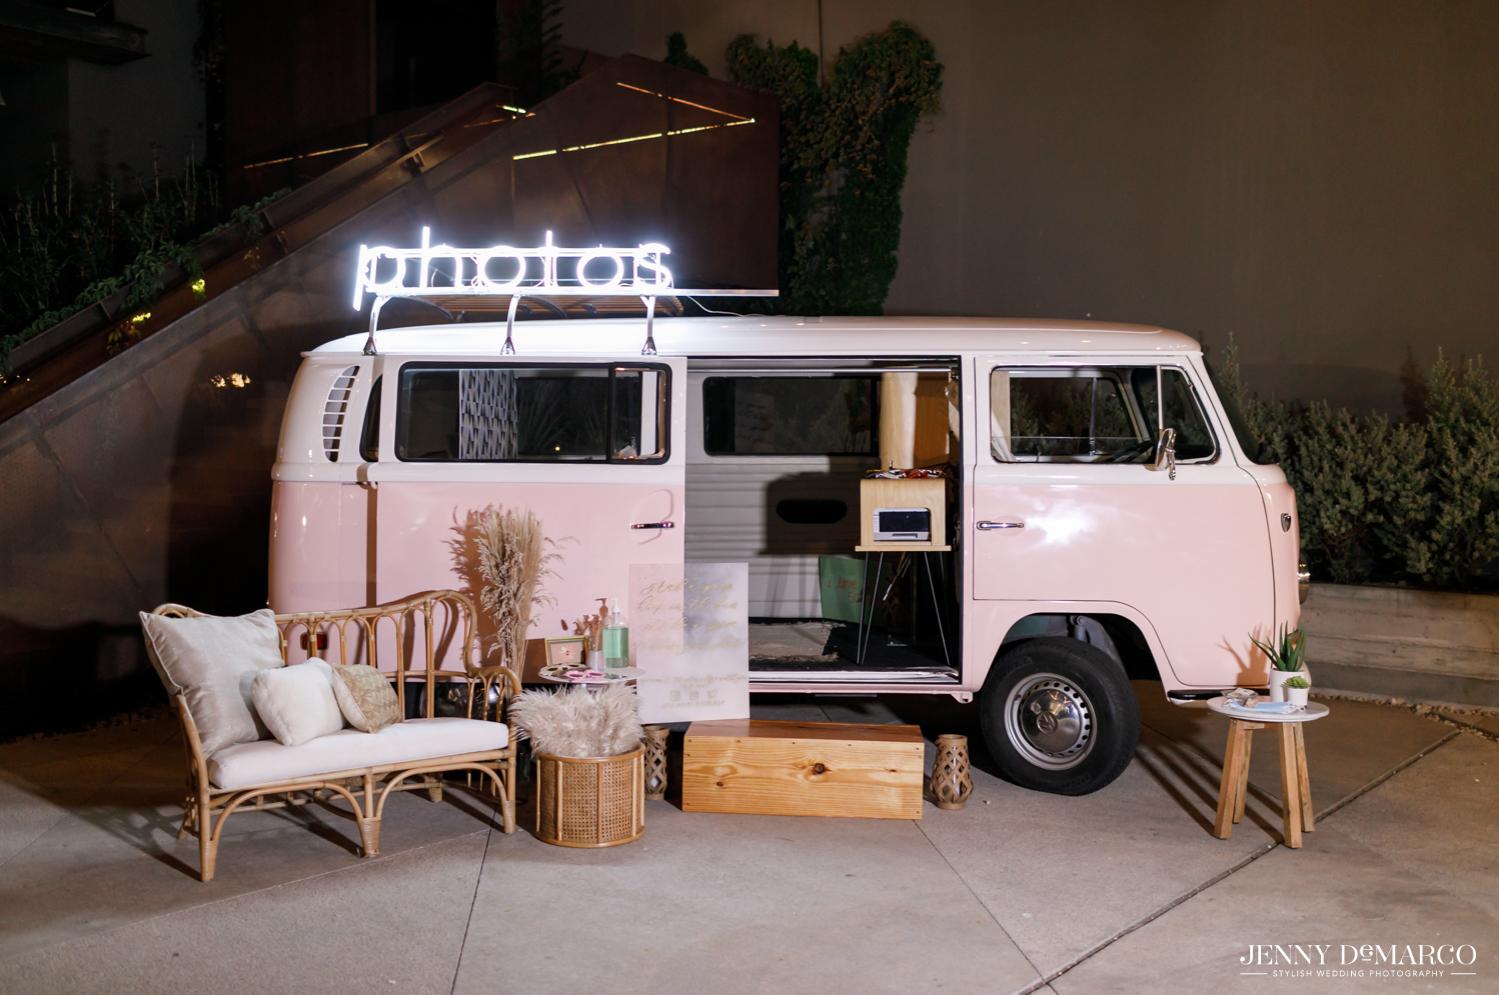 Volkswagen kick van photo booth